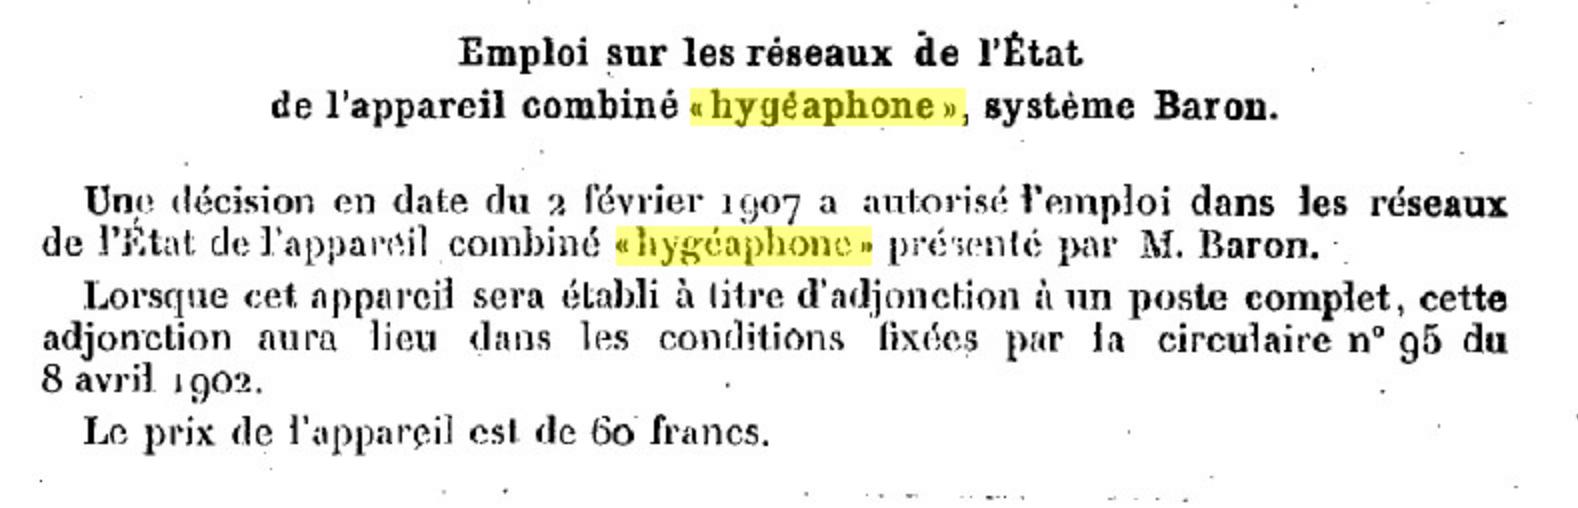 Texte de la mise en service de l'hygéaphone